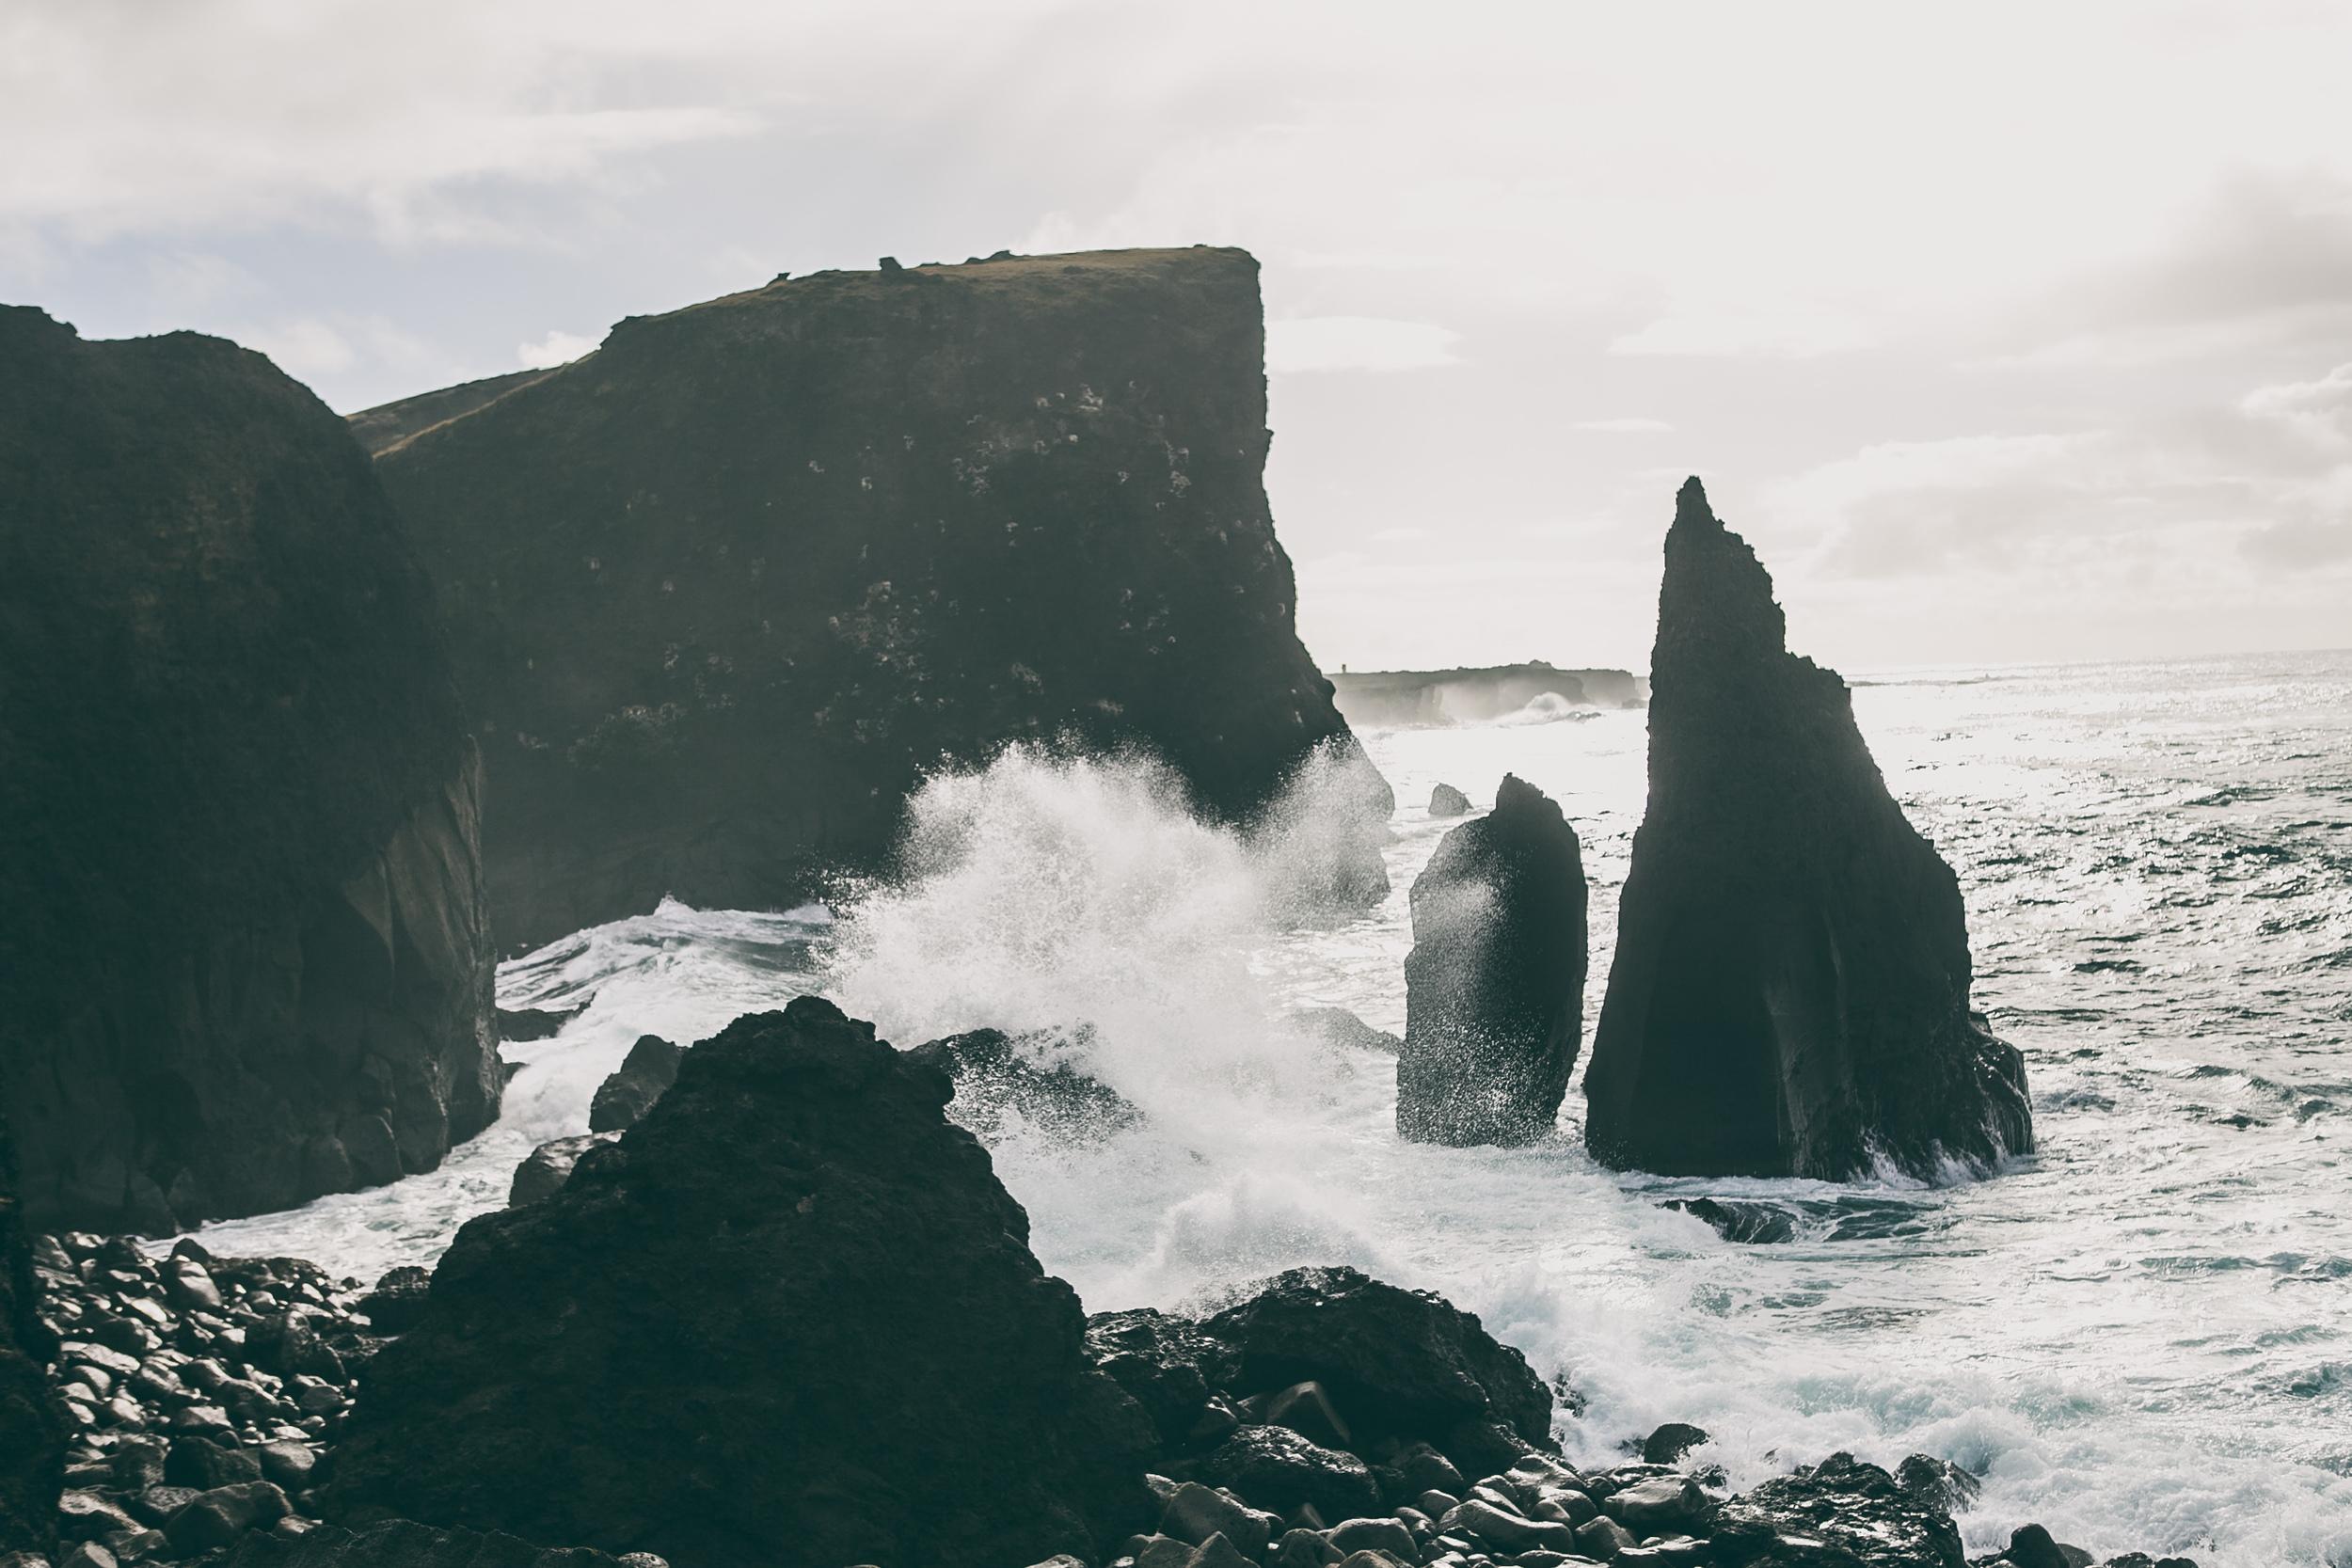 Southwestern edge of the Reykjanes peninsula